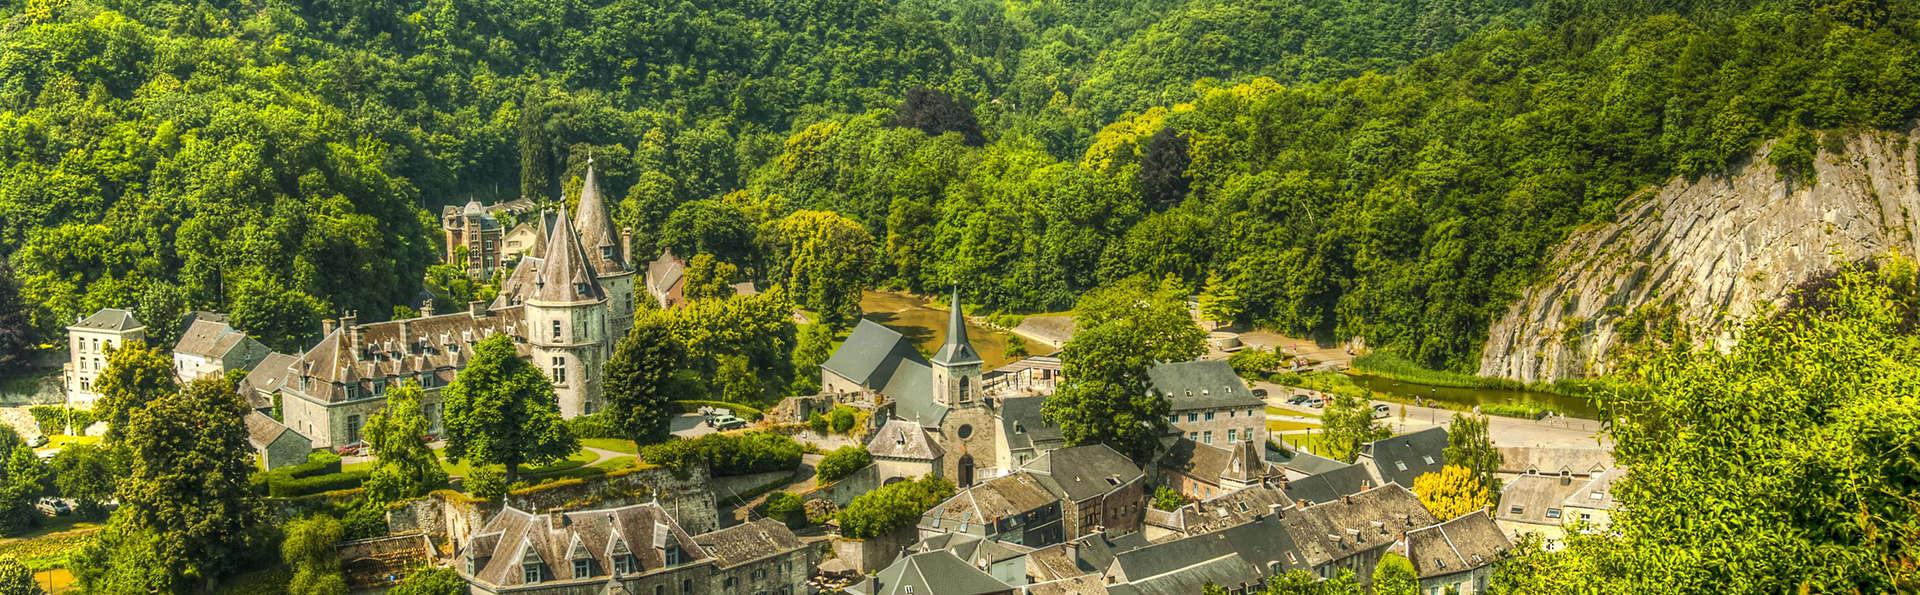 Découvrez la magnifique ville de Durbuy dans un établissement plein de charme